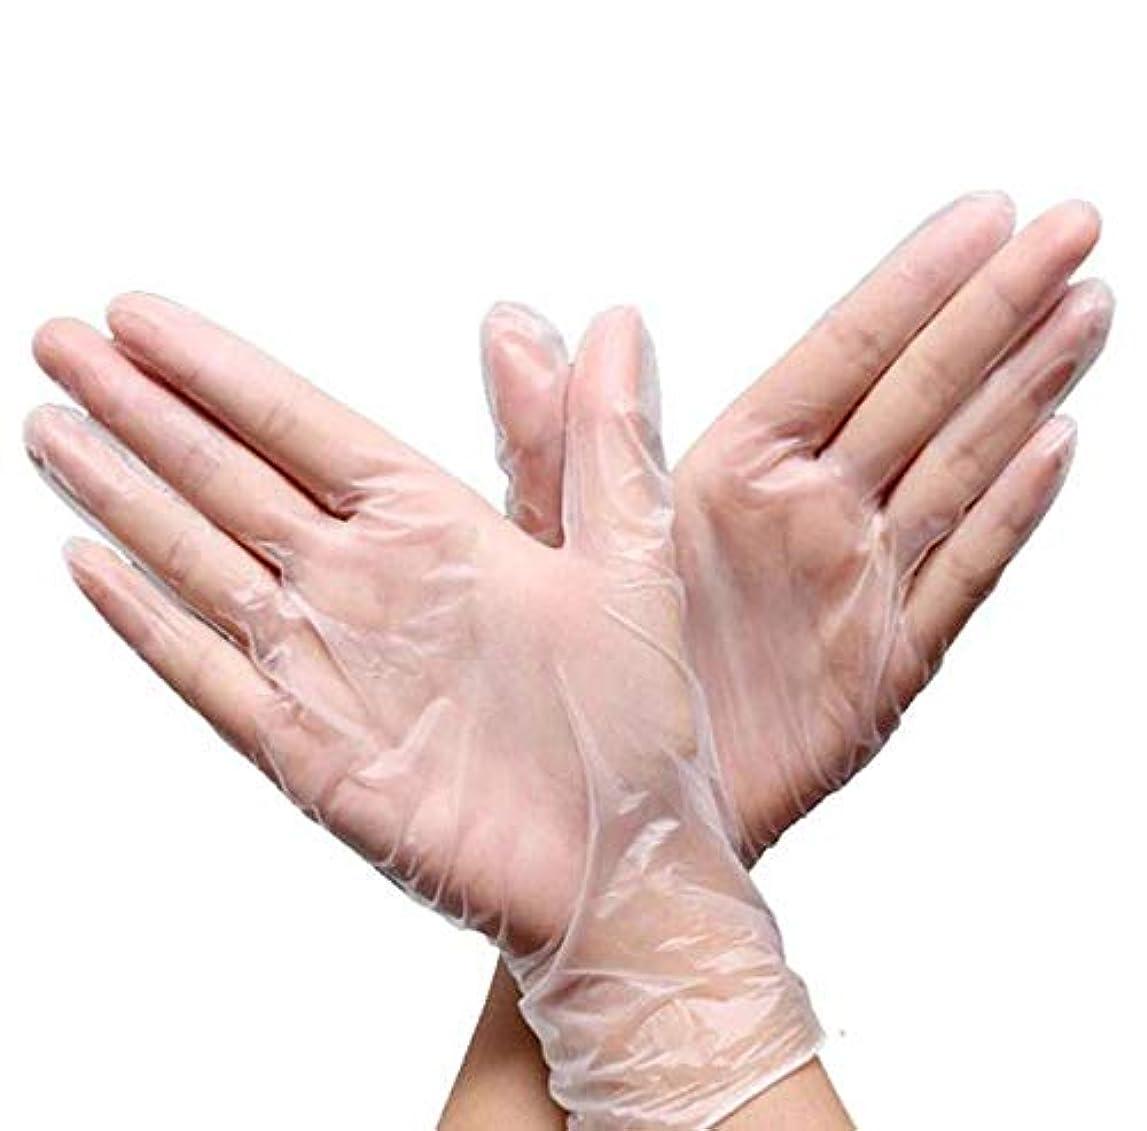 版残基ぼかしSTK ニトリルゴム手袋 使い捨て手袋 透明 耐油 防水 左右兼用 粉なし 手荒れを防ぎ 素手 薄い 介護 トイレ掃除 園芸 美容 食器洗い (50ペアセット)